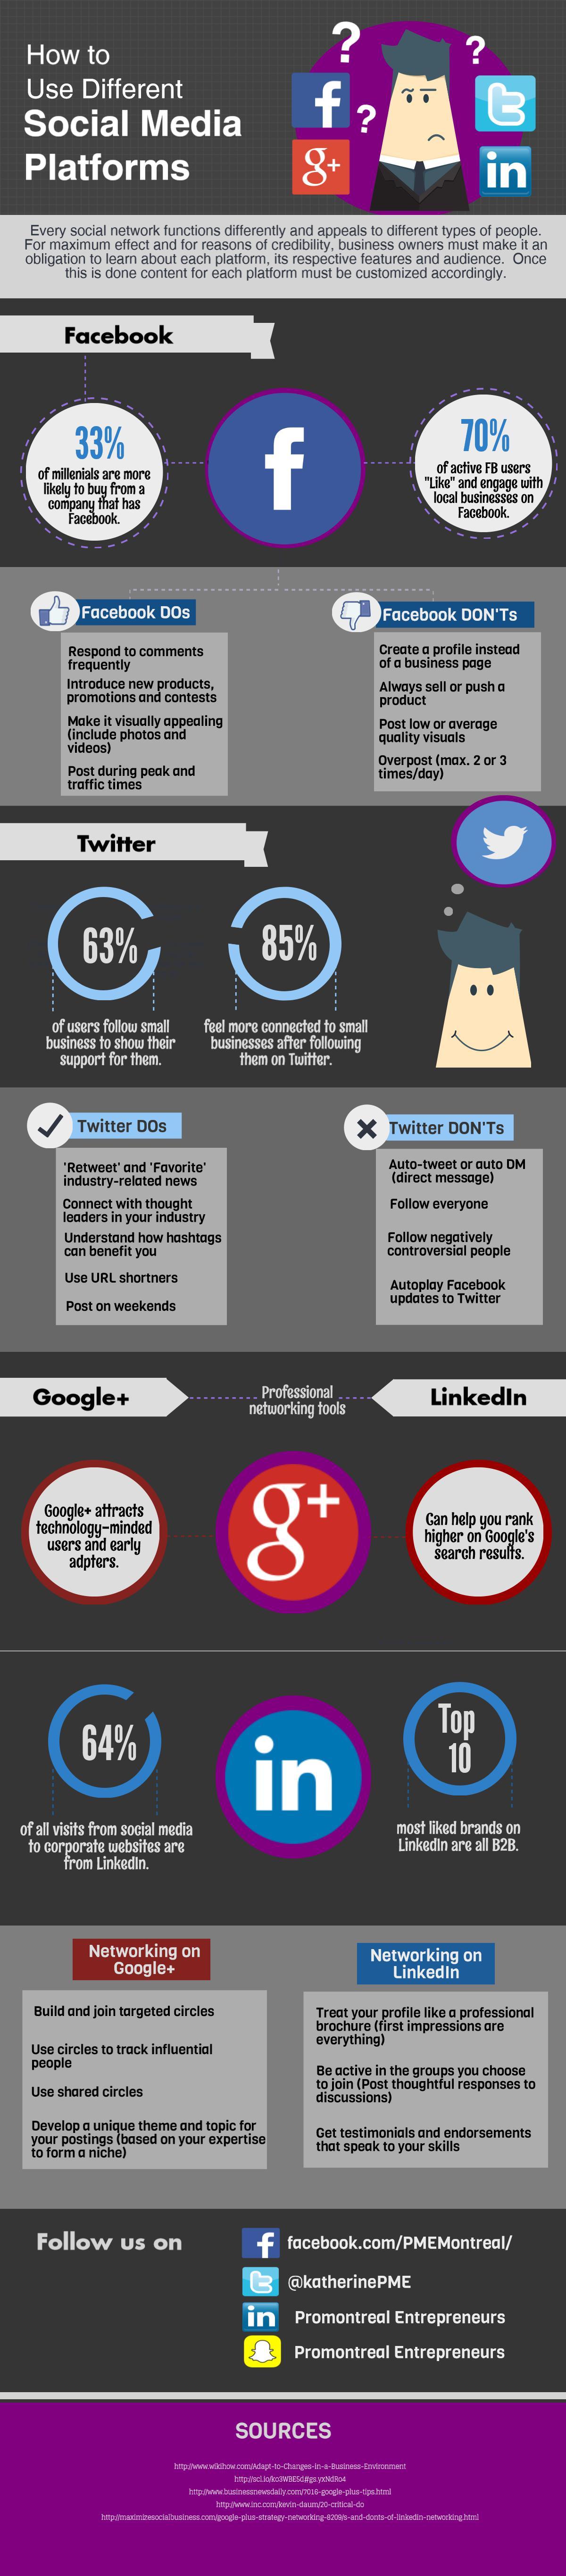 facebook, social media, twitter, marketing